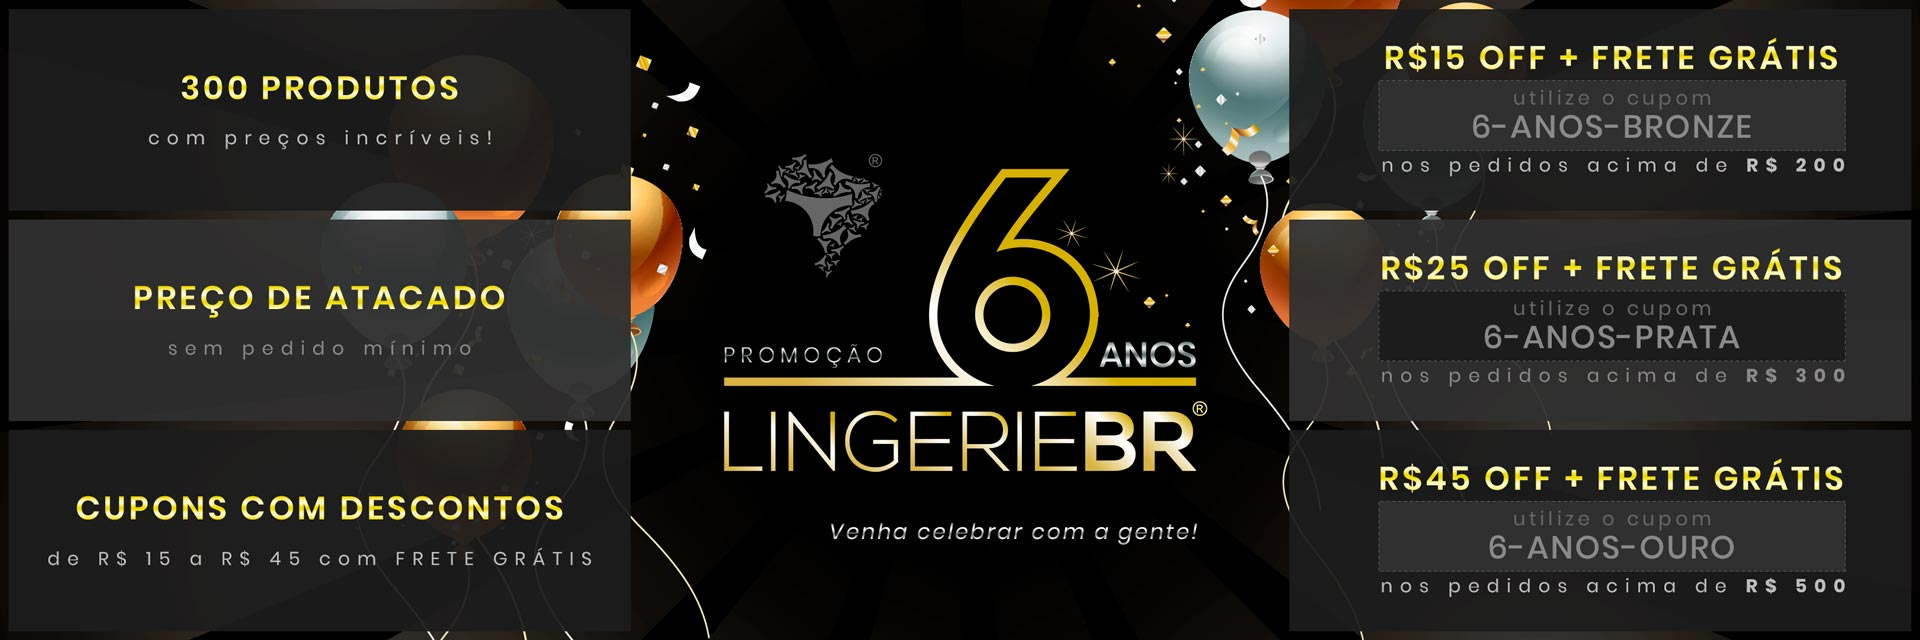 Aniversário Lingerie BR 2019 - Semana 2